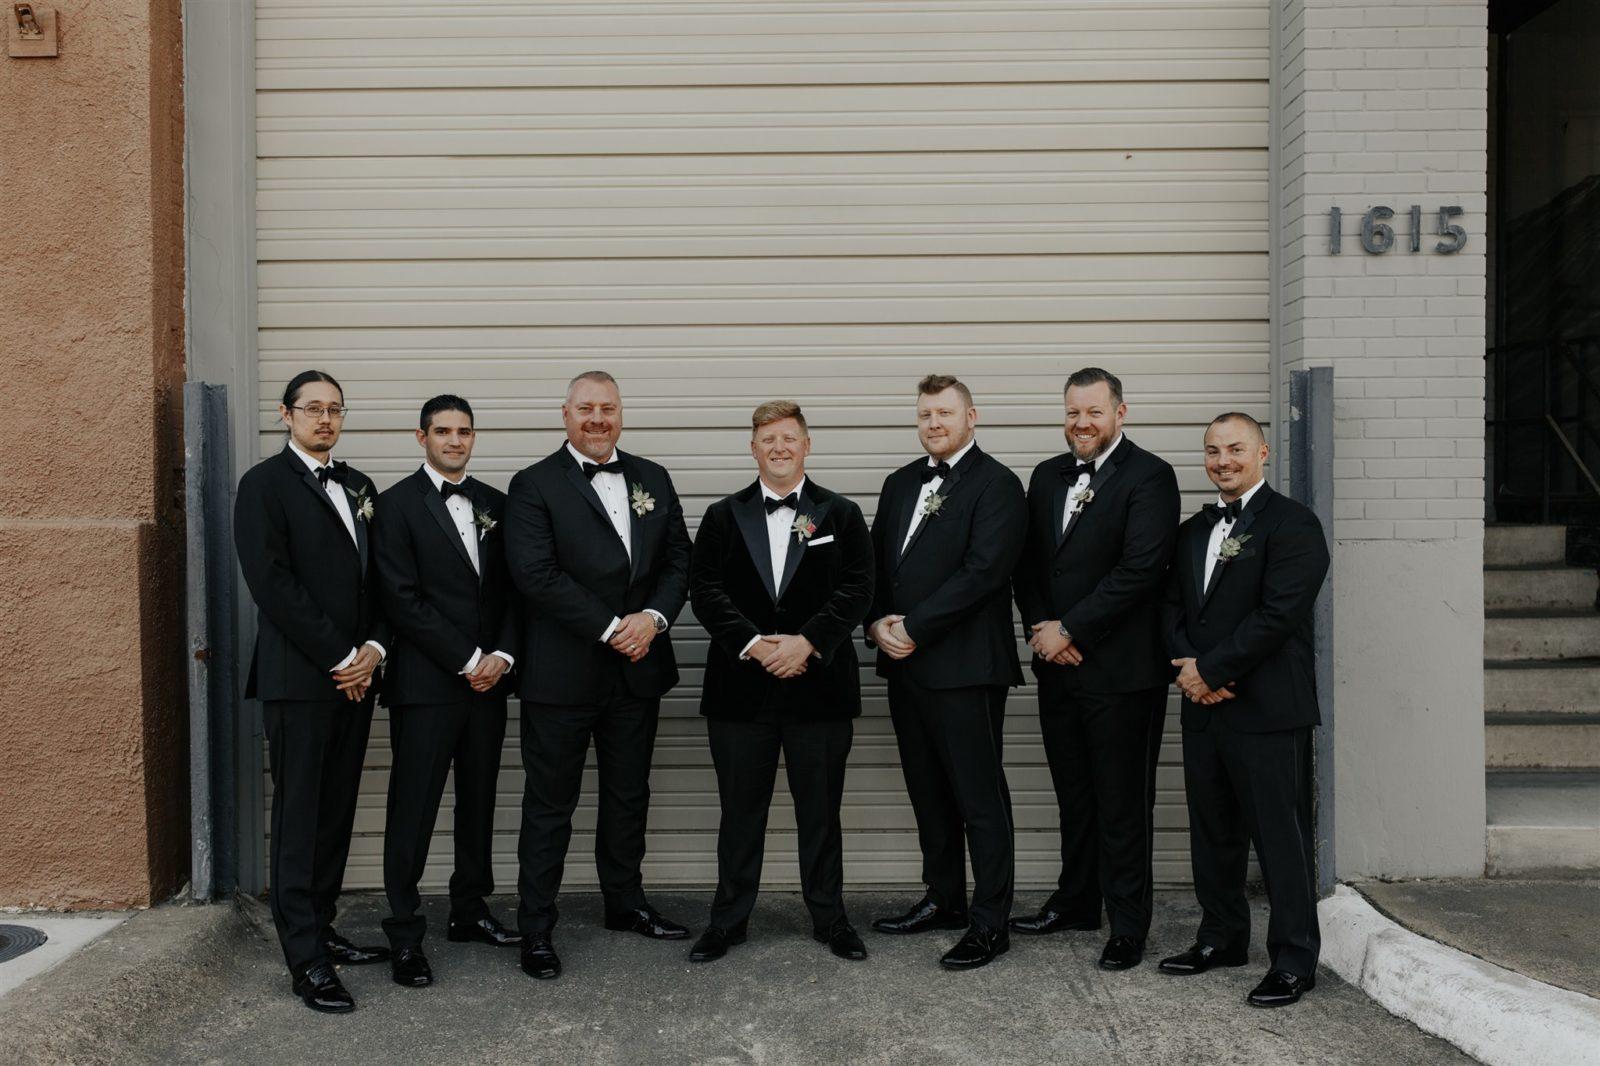 The Black Tux Groomsmen Tuxedos for DFW Wedding on Alexa Kay Events